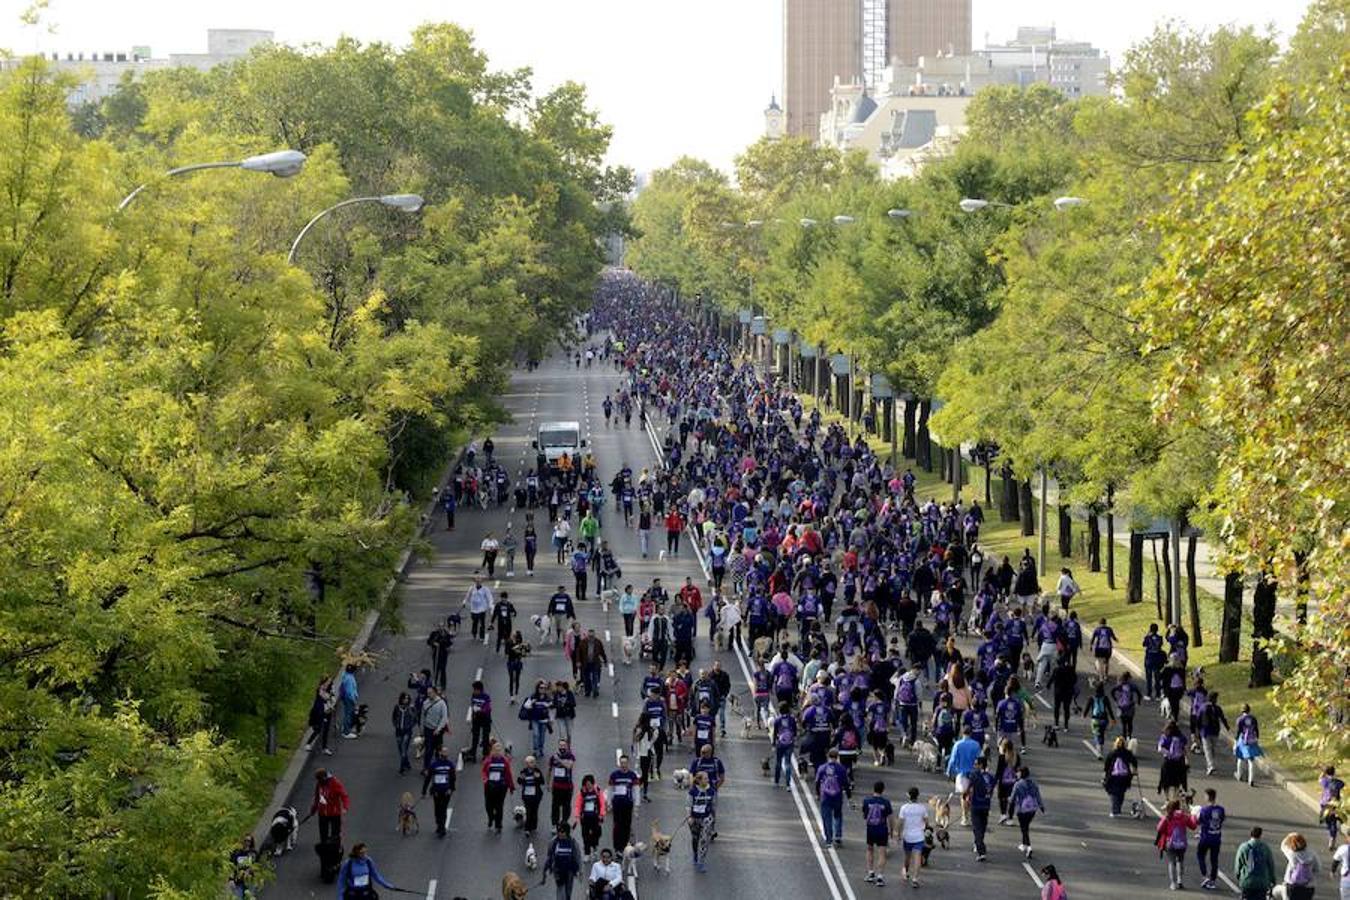 """El """"Perroton"""" en el paseo de la castellana. La carrera de canes y amos ha reunido a miles de personas"""